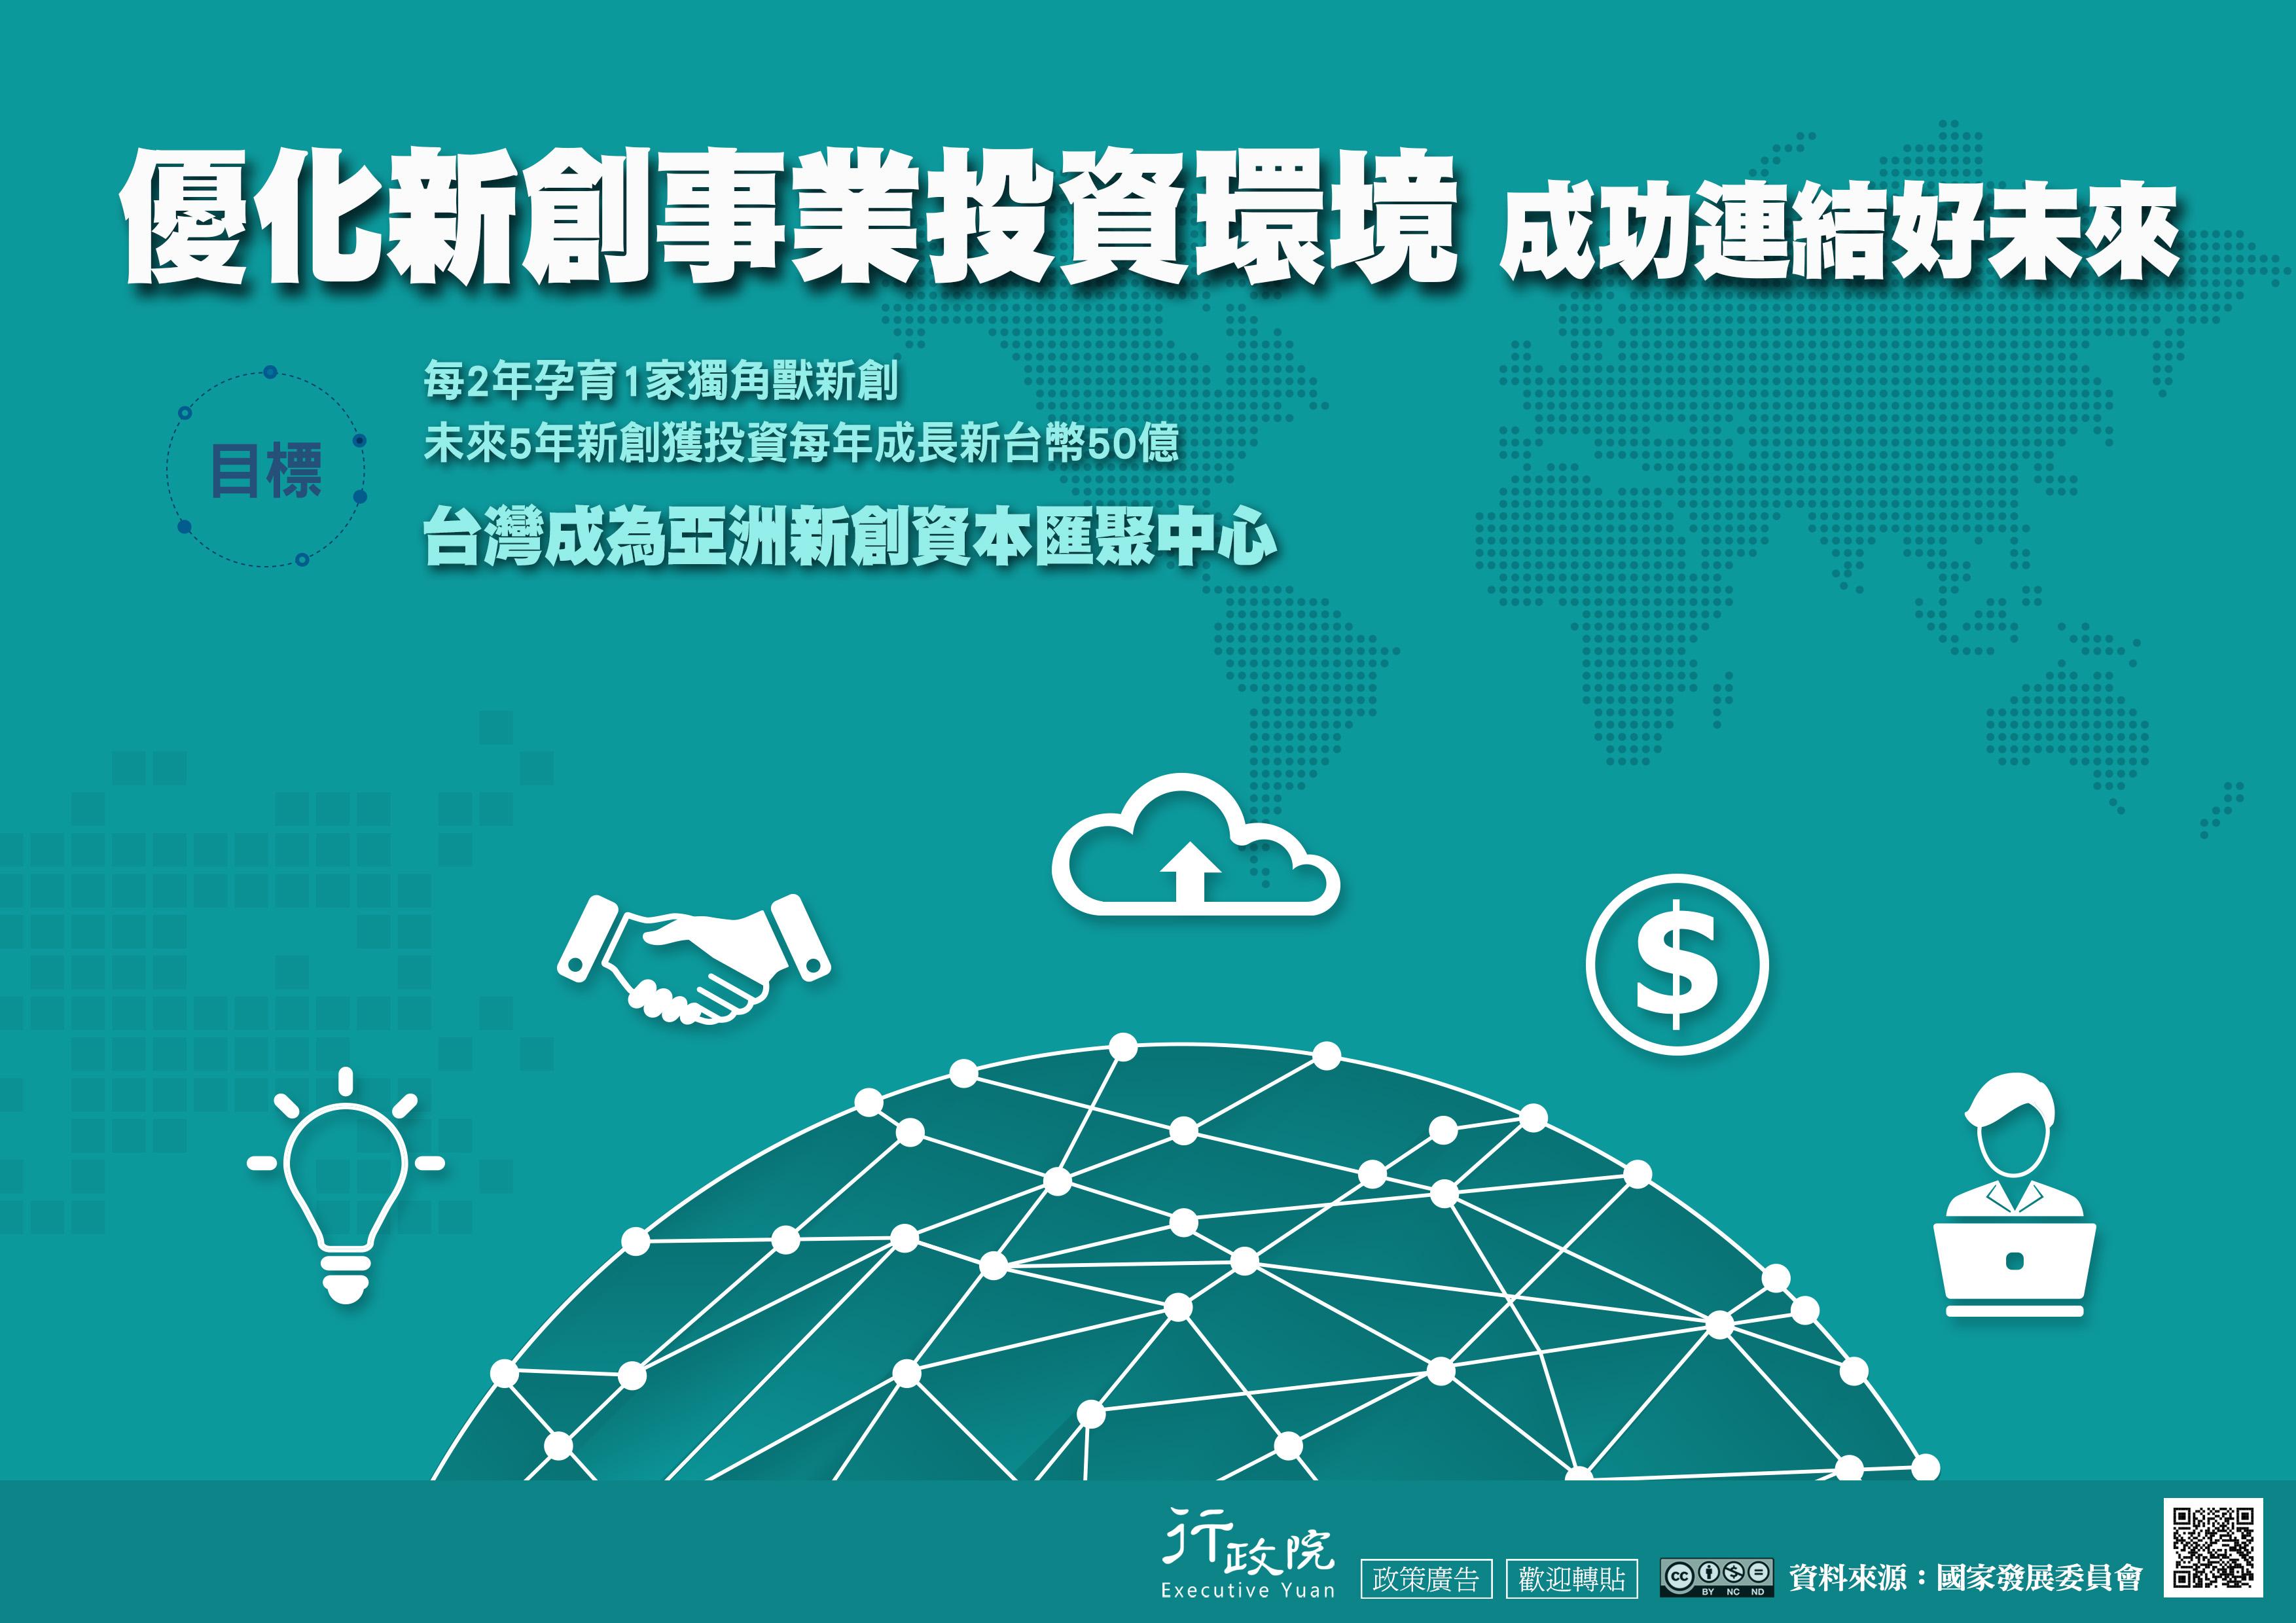 優化新創事業投資環境 成功連結好未來